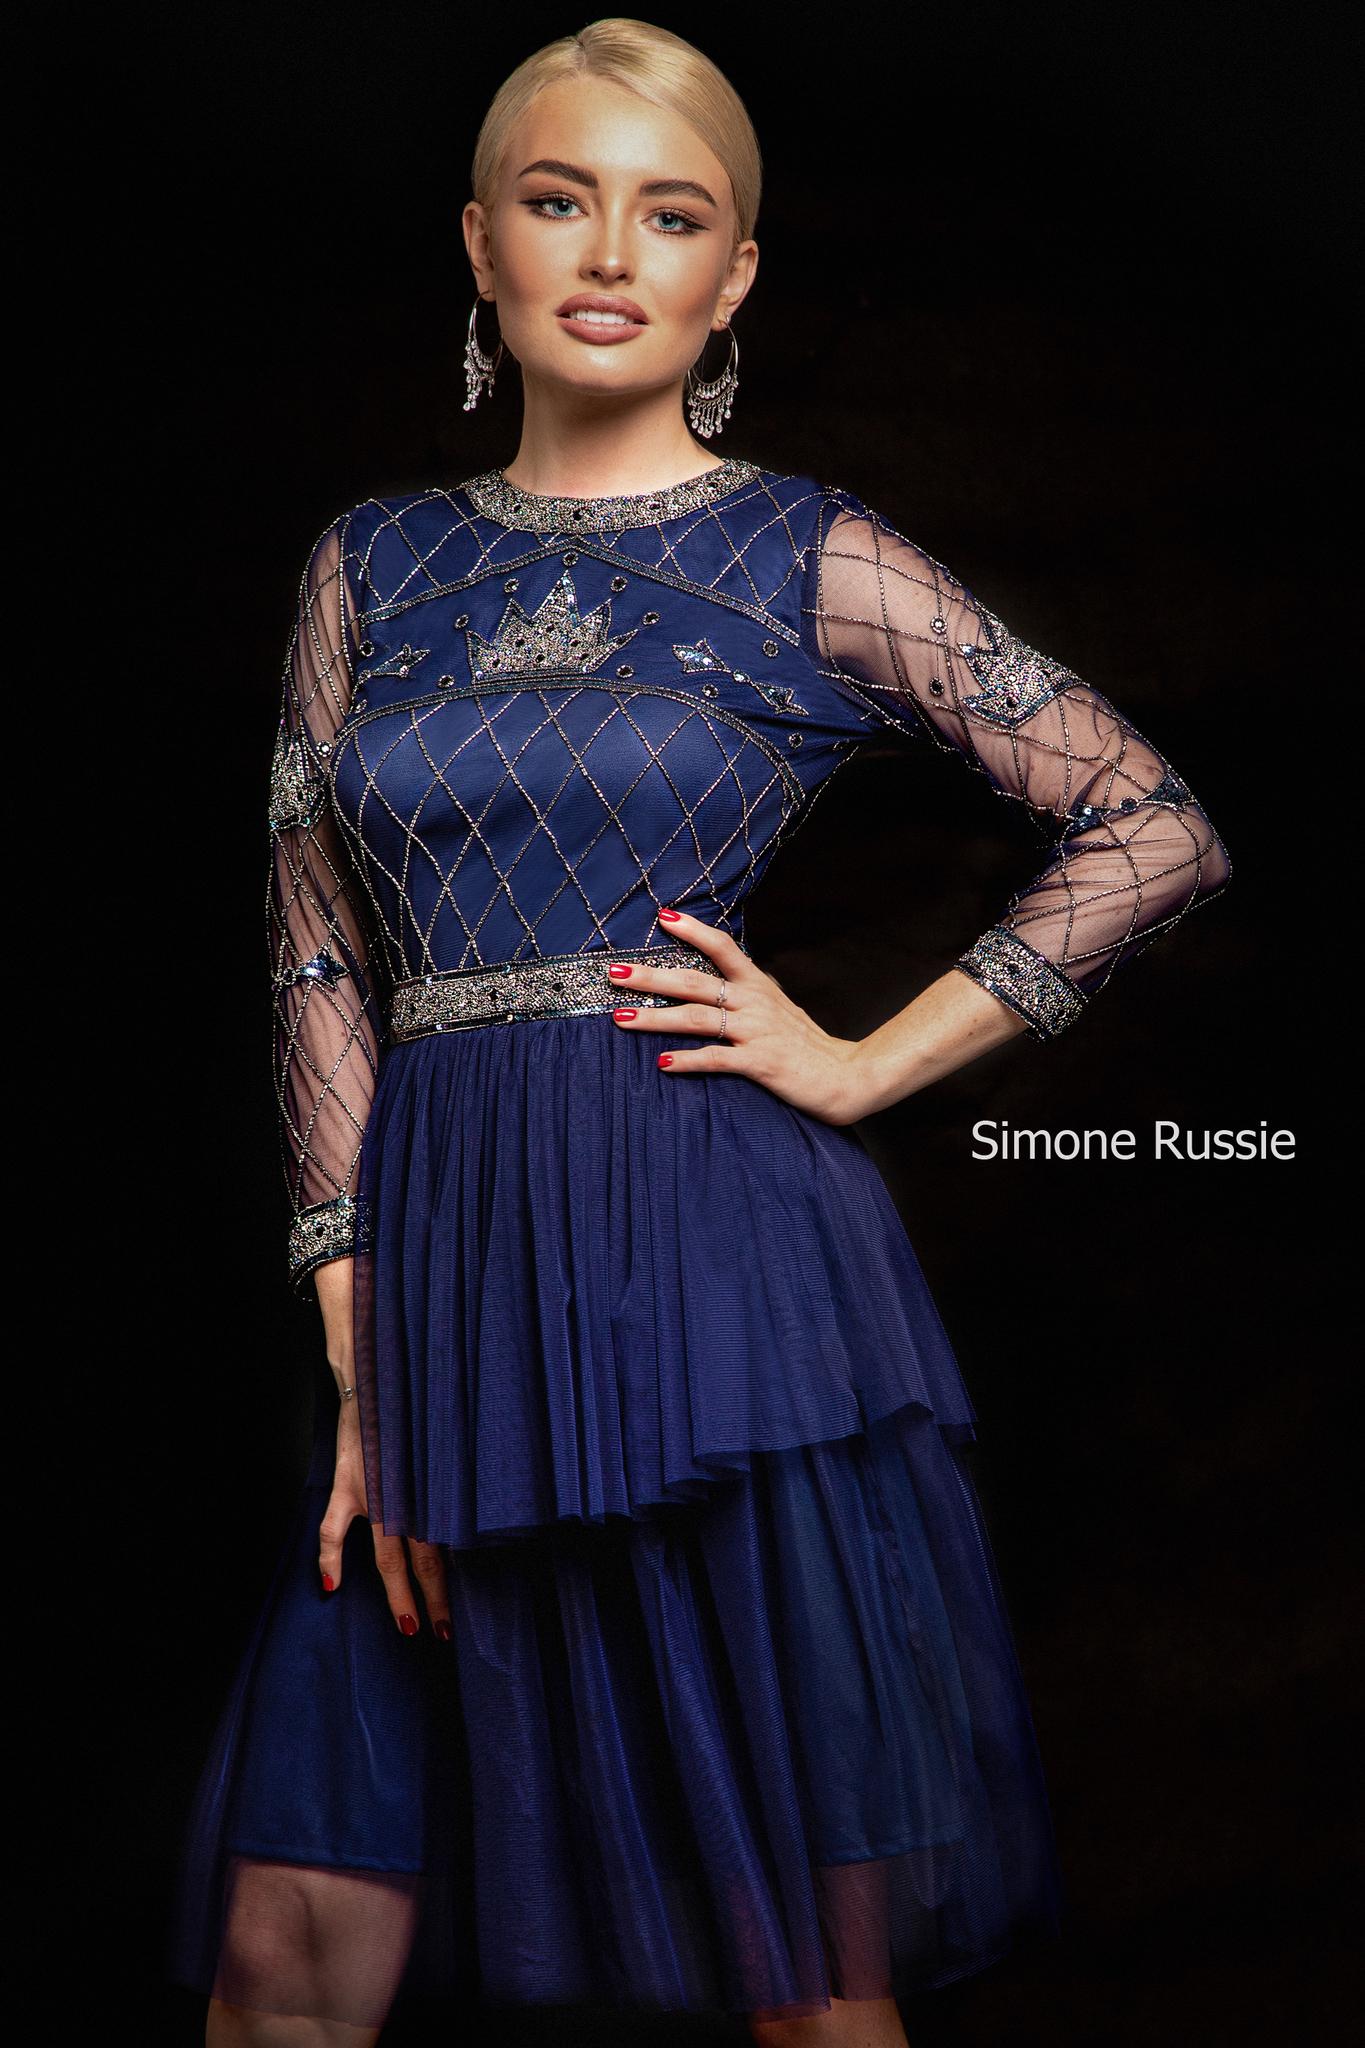 Simone Russie SR1942 Синее платье средней длины с двухъярусной юбкой